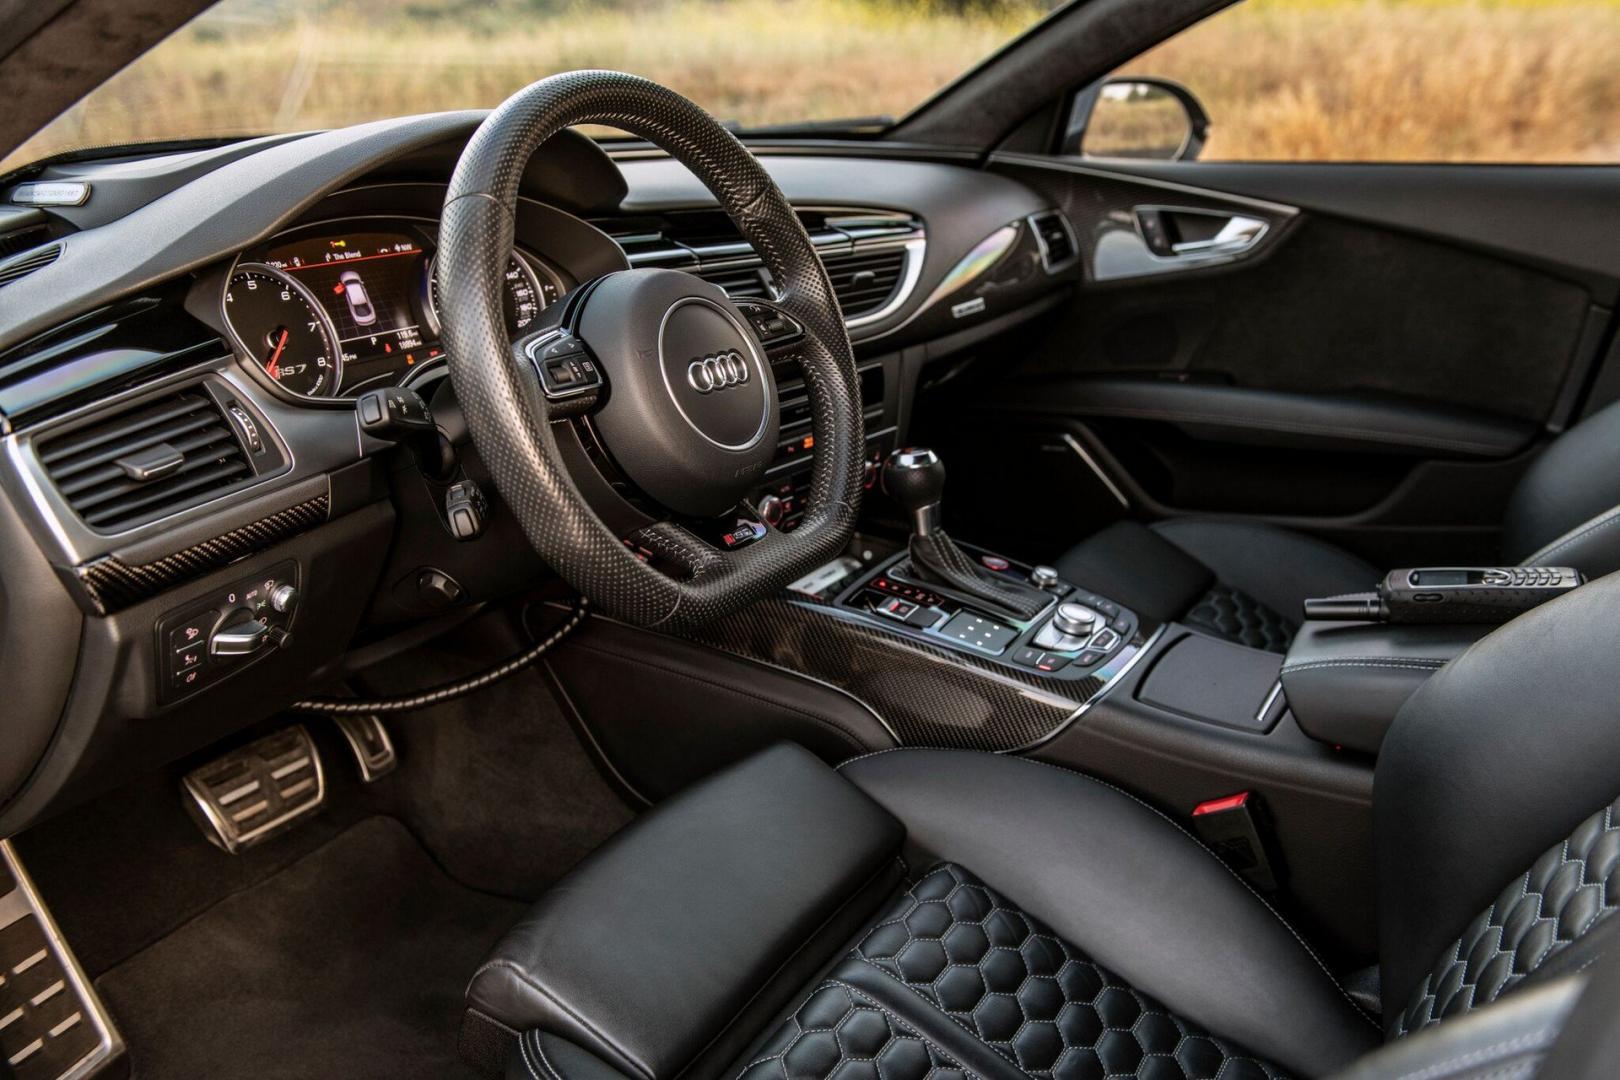 Gepantserde Audi RS 7 interieur